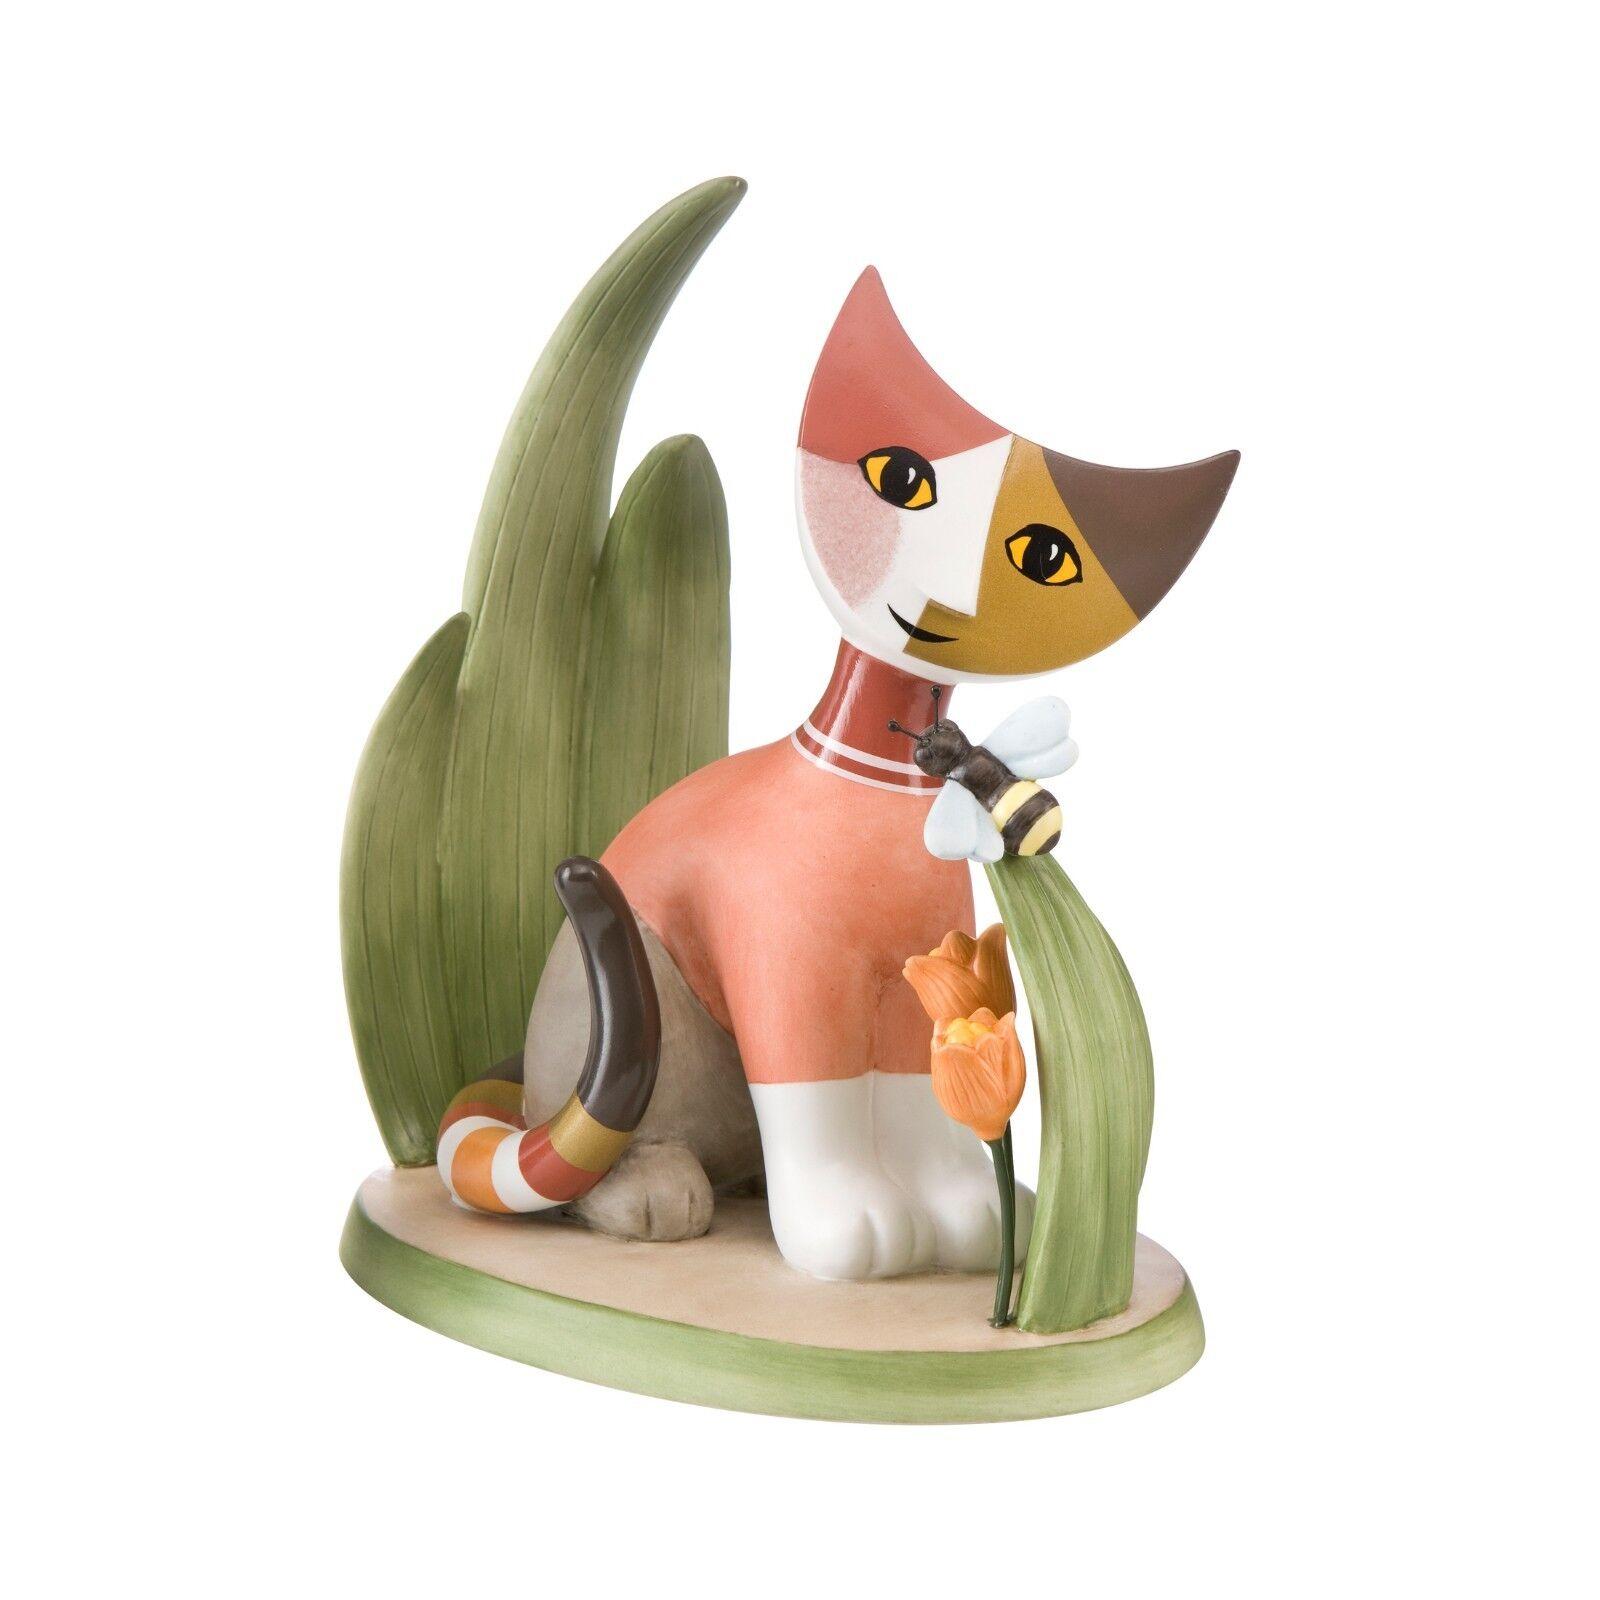 Goebel La mia piccola ape Katze NEUHEIT 2018 Rosina Wachtmeister Goebelkatze